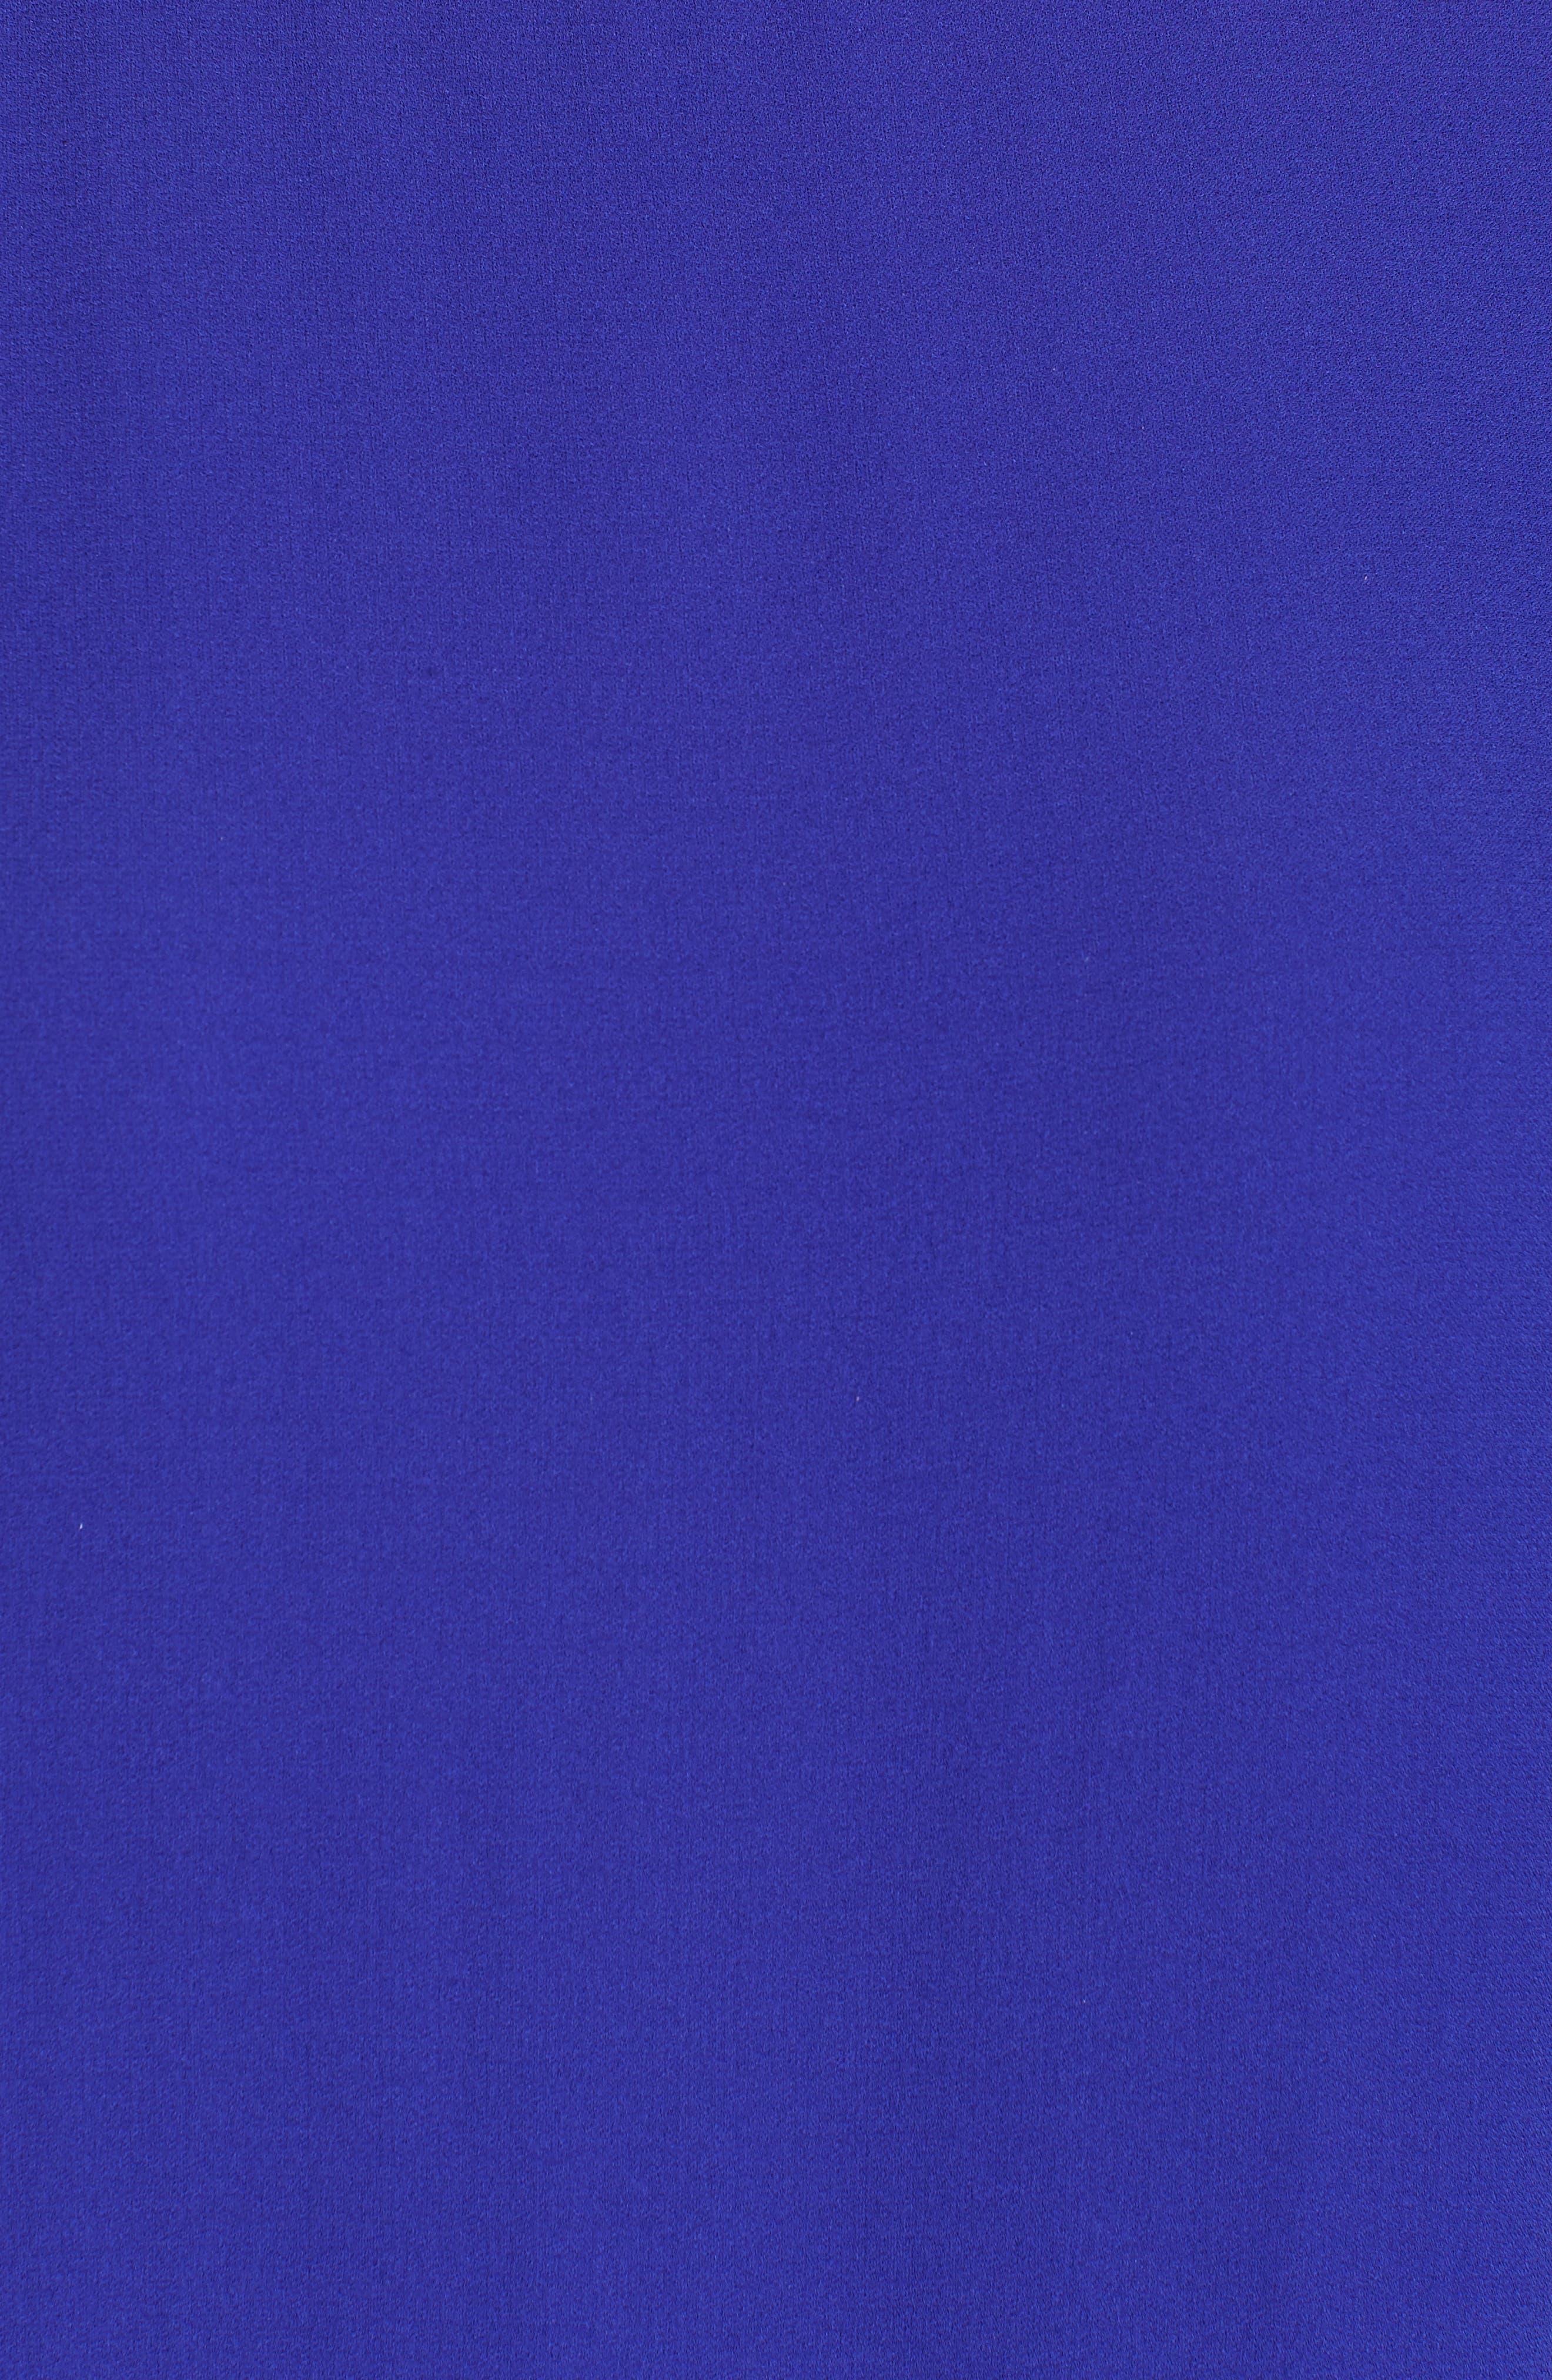 Drop Waist Silk Dress,                             Alternate thumbnail 6, color,                             Blue Violet